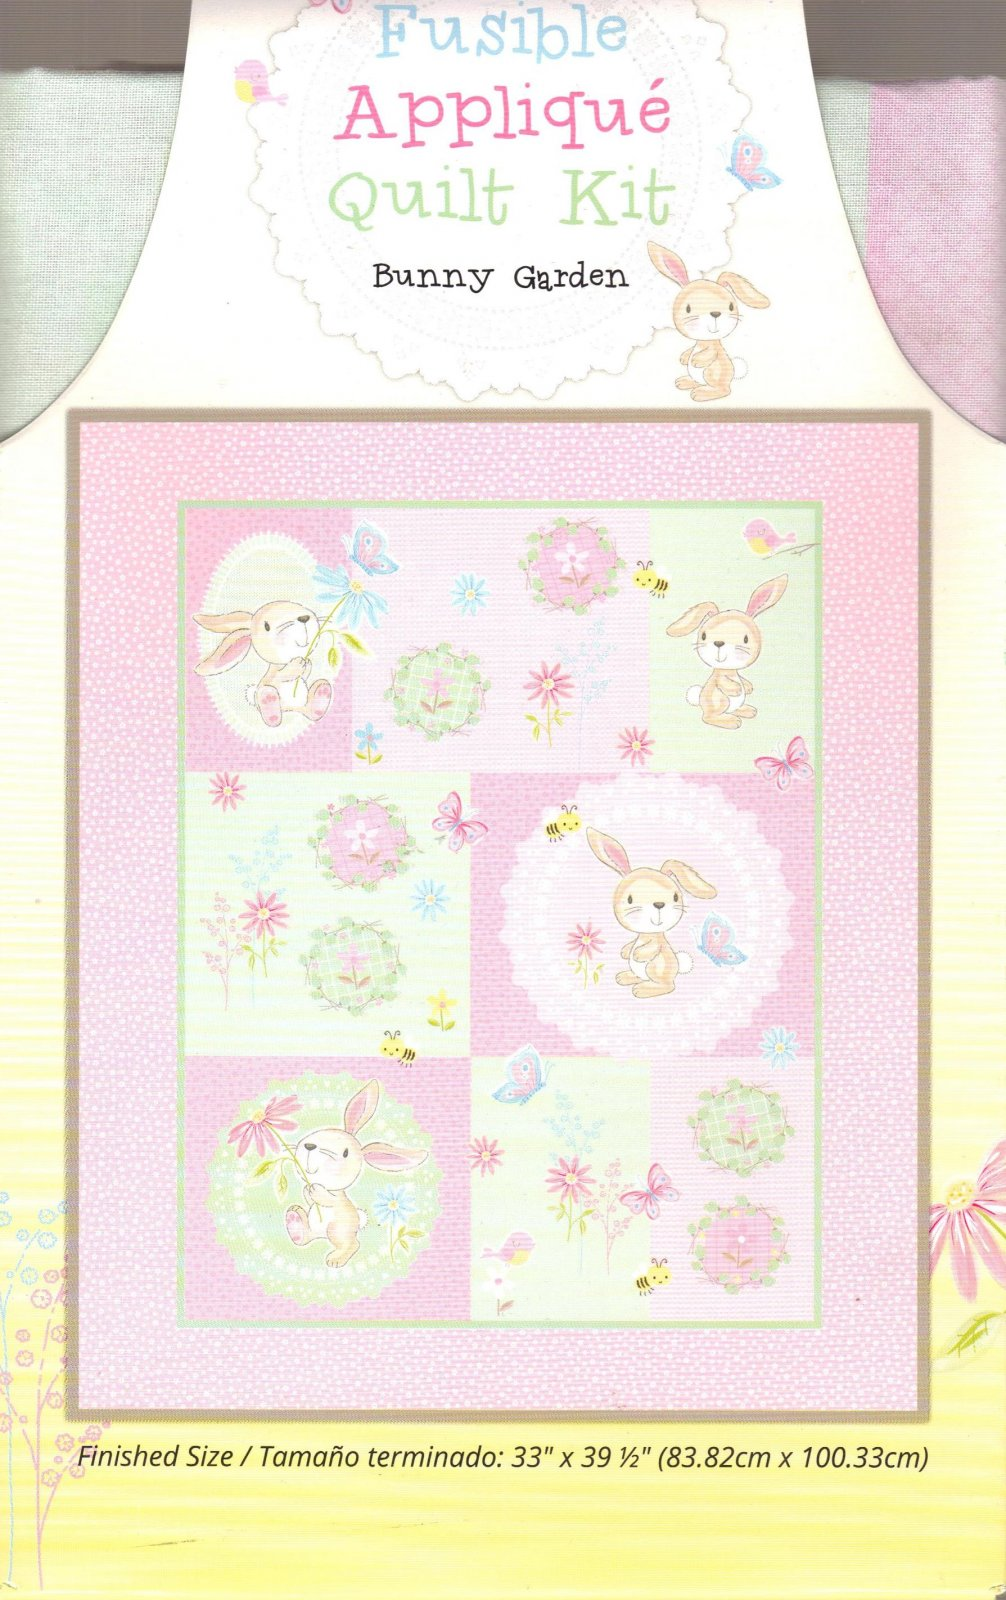 Ft Fusible Applique Quilt Kits Bunny Garden